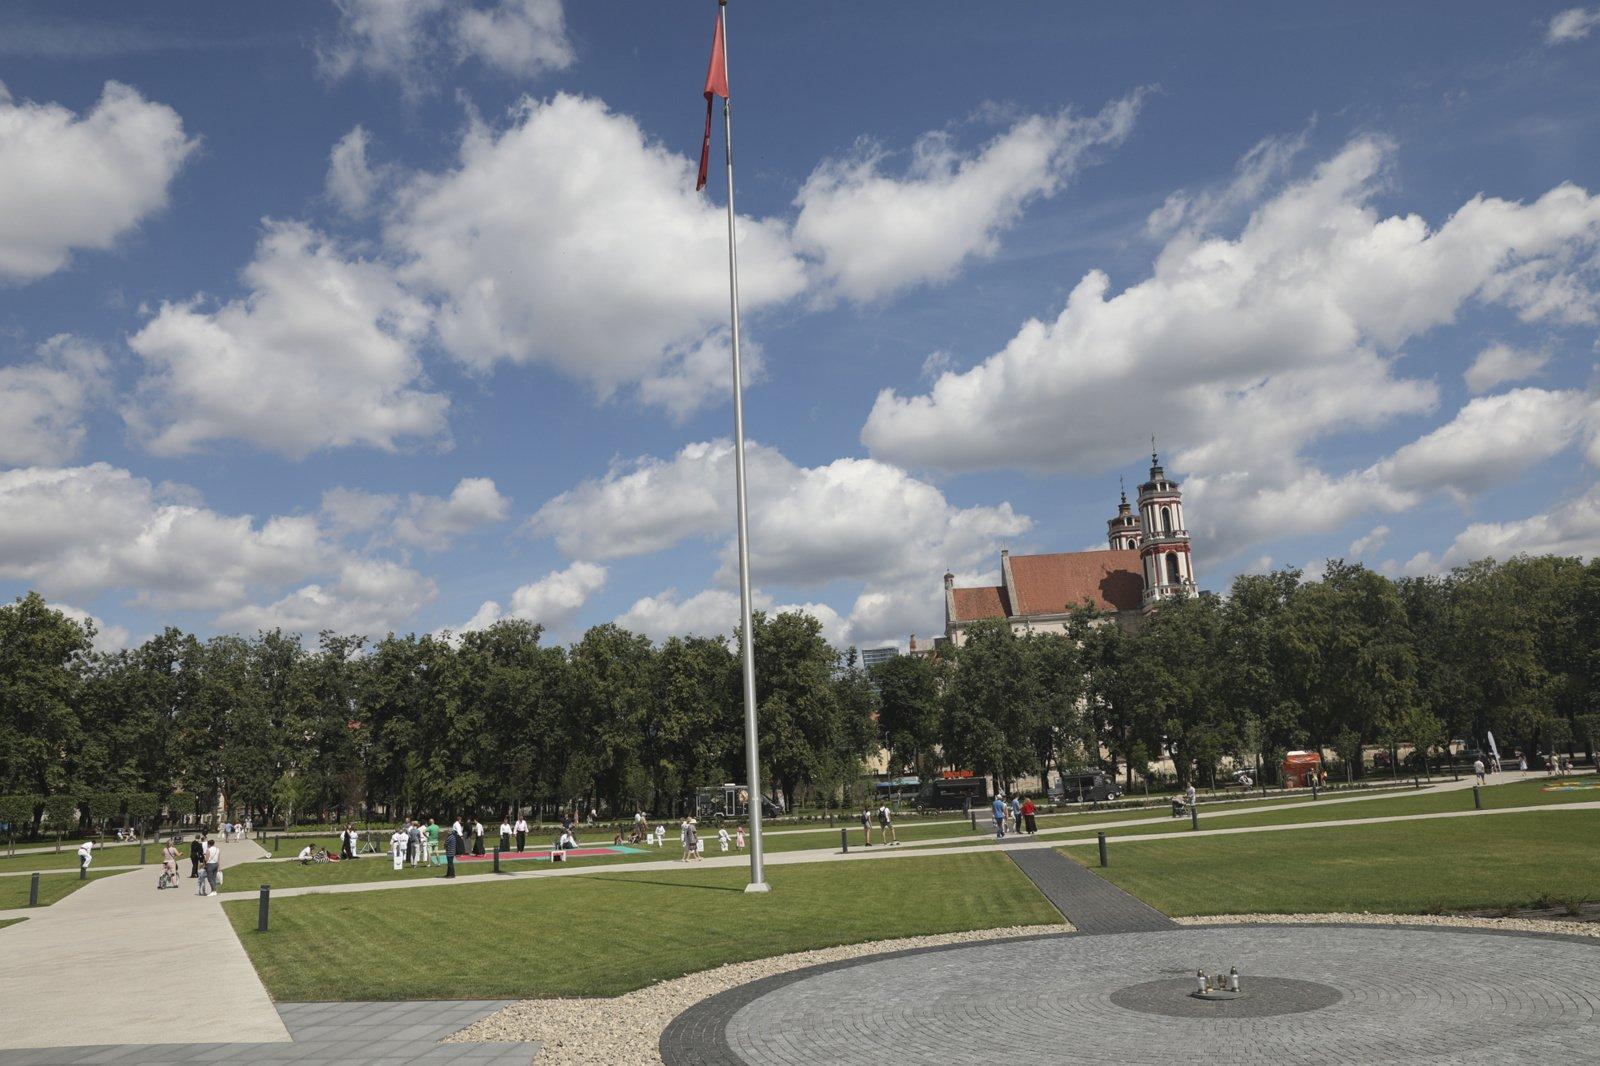 Kultūros ministras: suderinus pozicijas, Lukiškių aikštė lieka Vilniaus savivaldybei